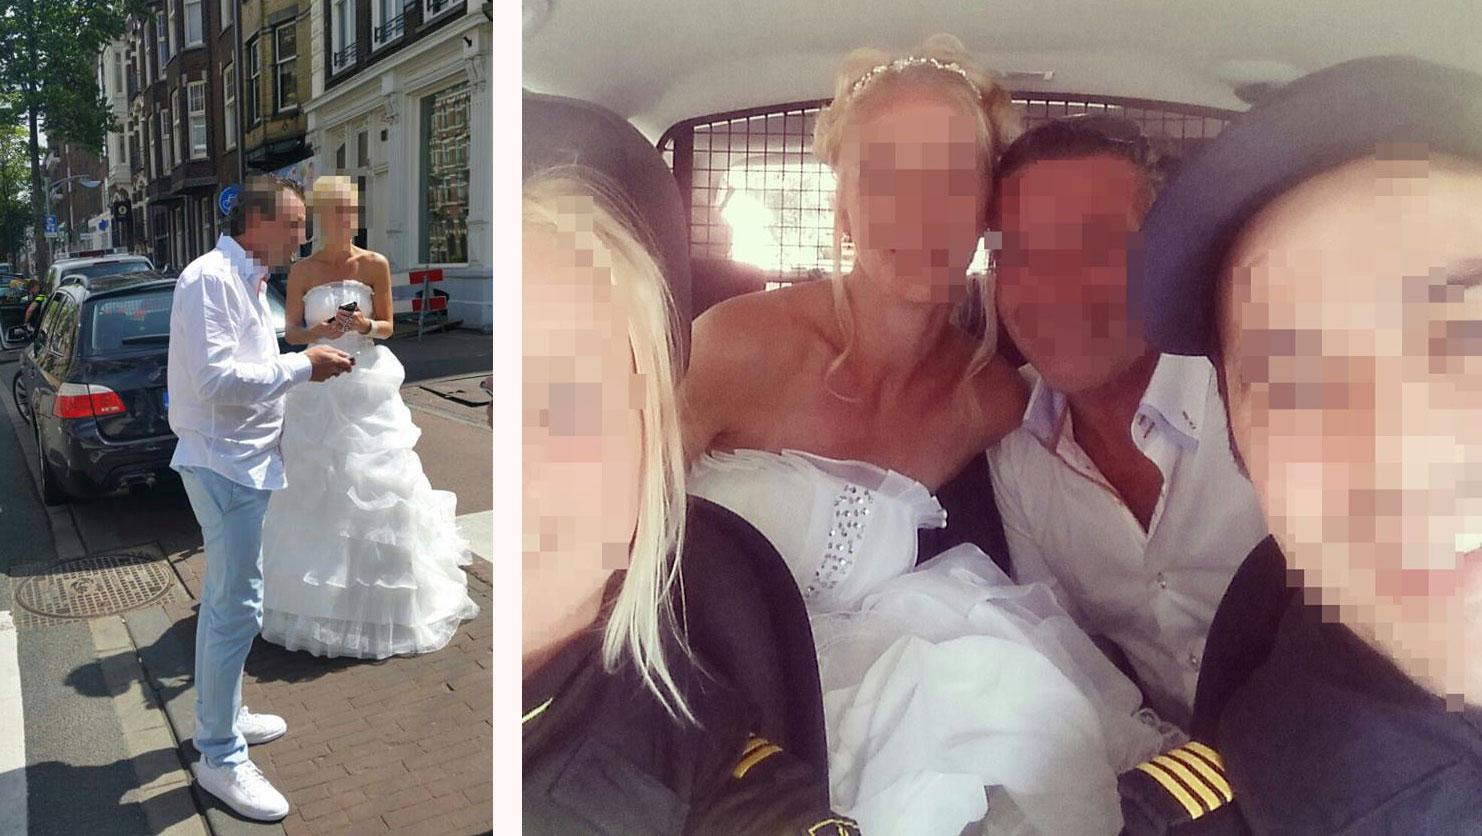 Amsterdams bruidspaar belandt op achterbank politieauto